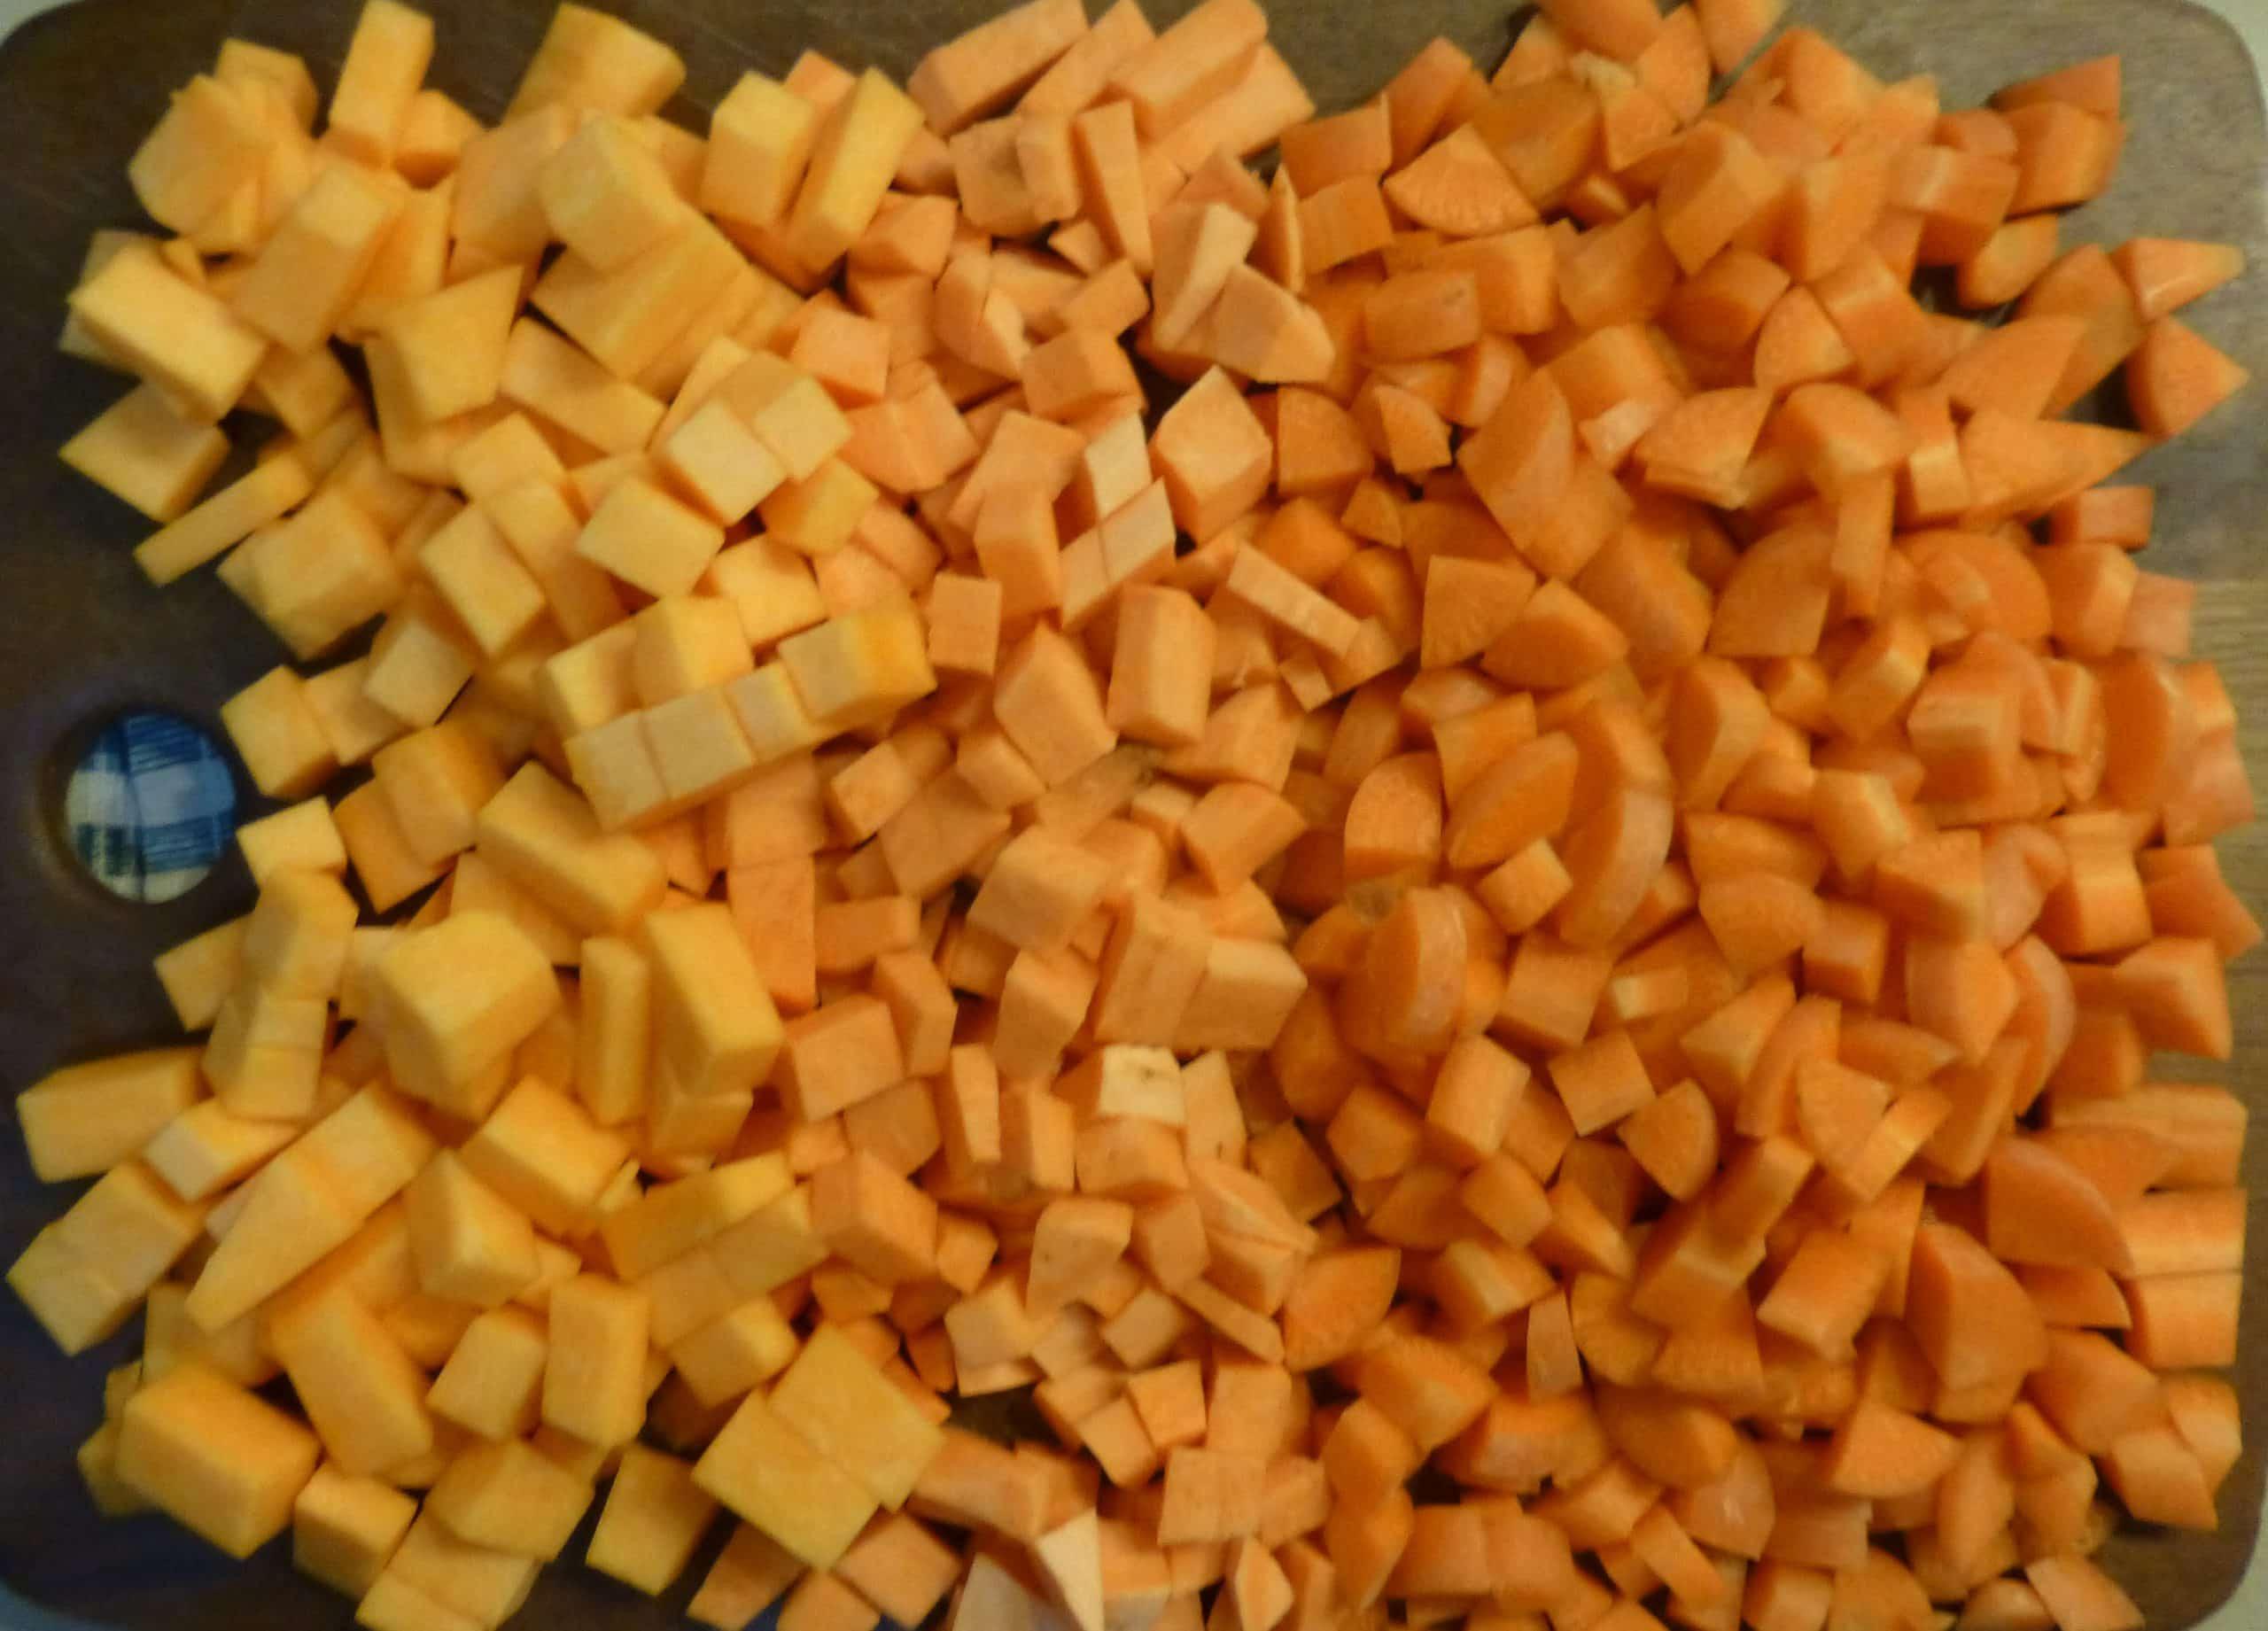 כל המרכיבים למרק כתום איכותי - הרבה כתומים מסוגים שונים